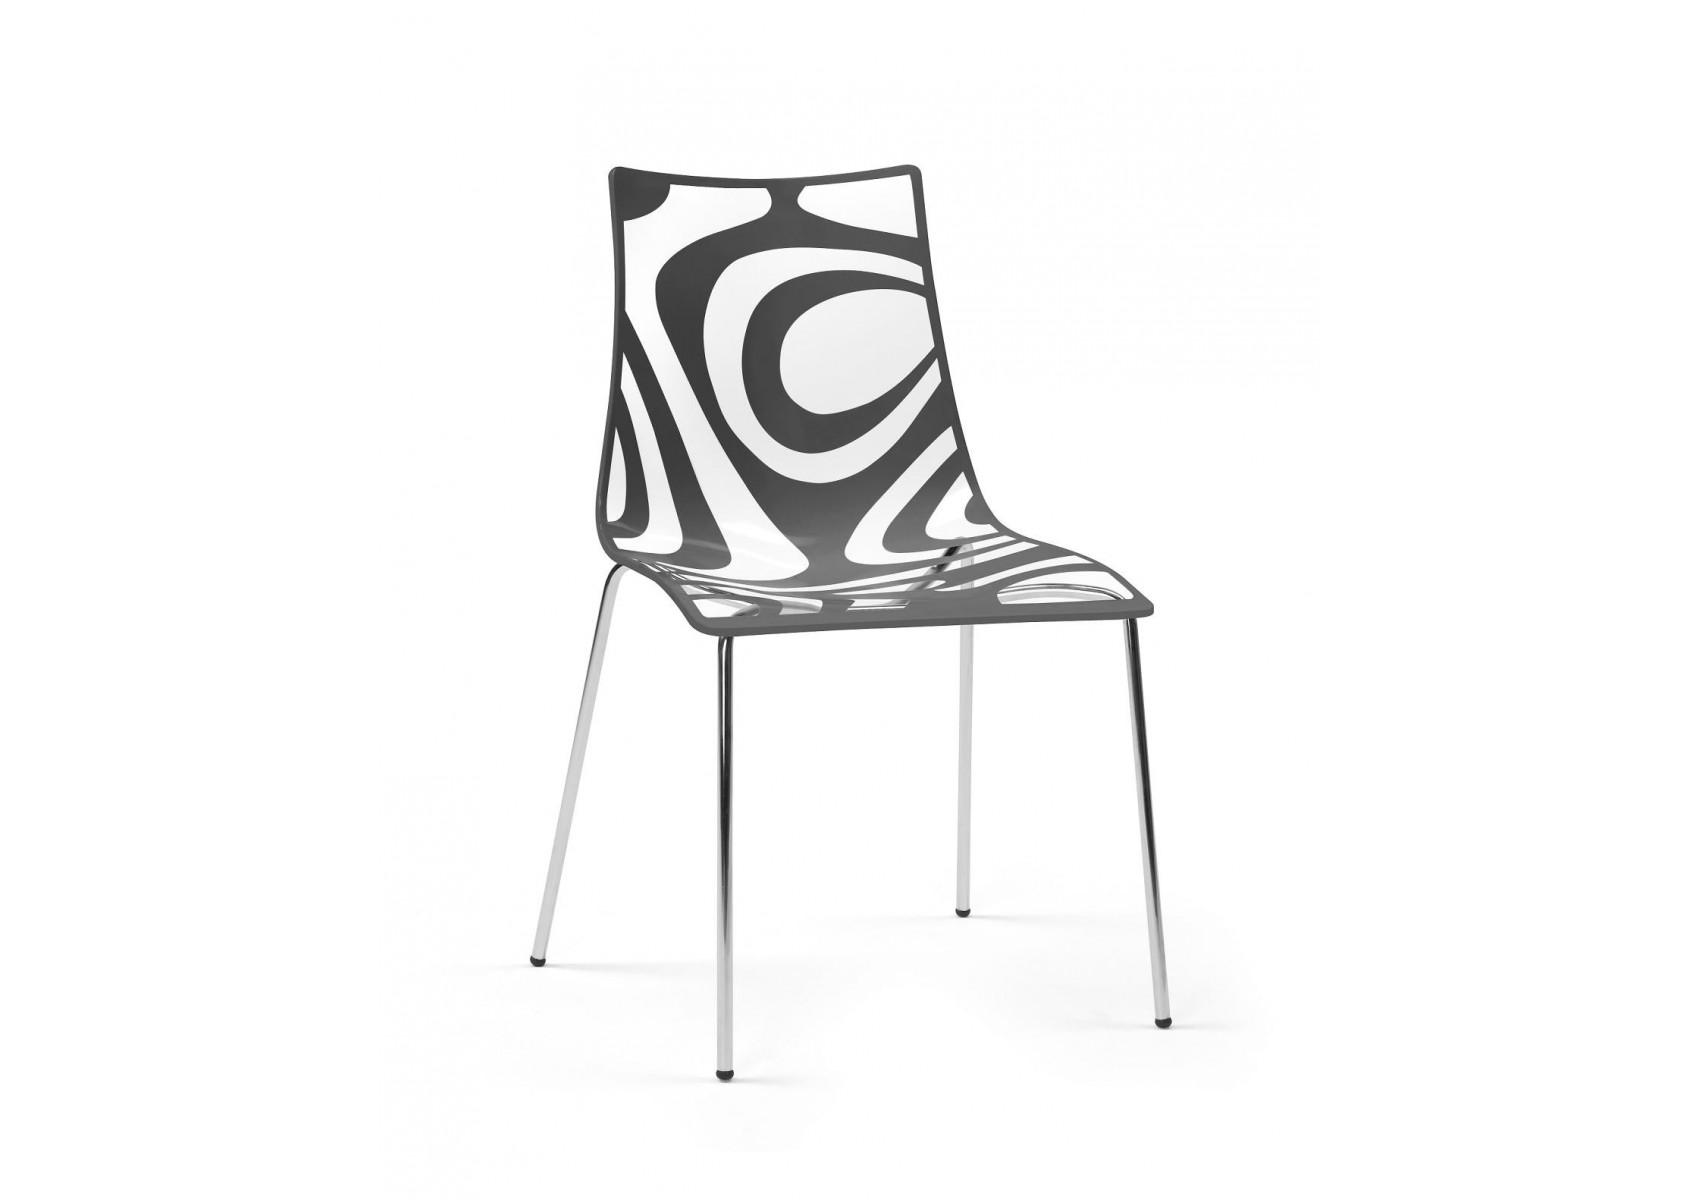 Chaise design WAVE par Scab design - Boite à design